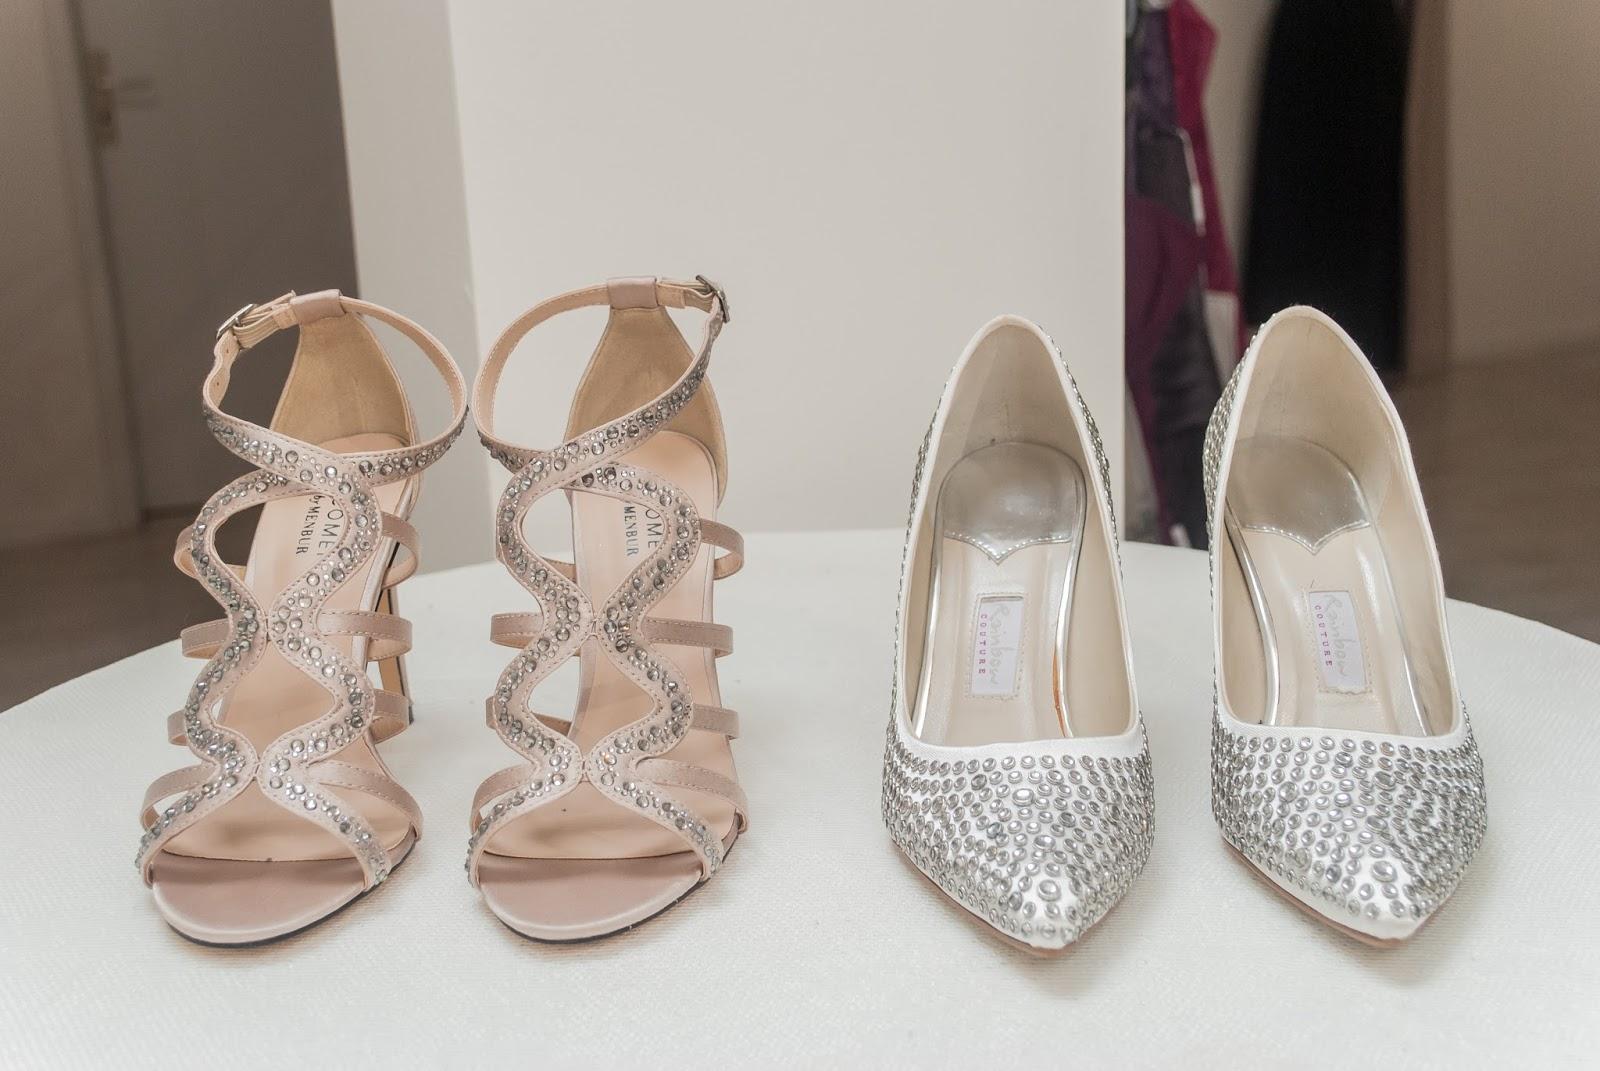 Schuhe fur abendkleid